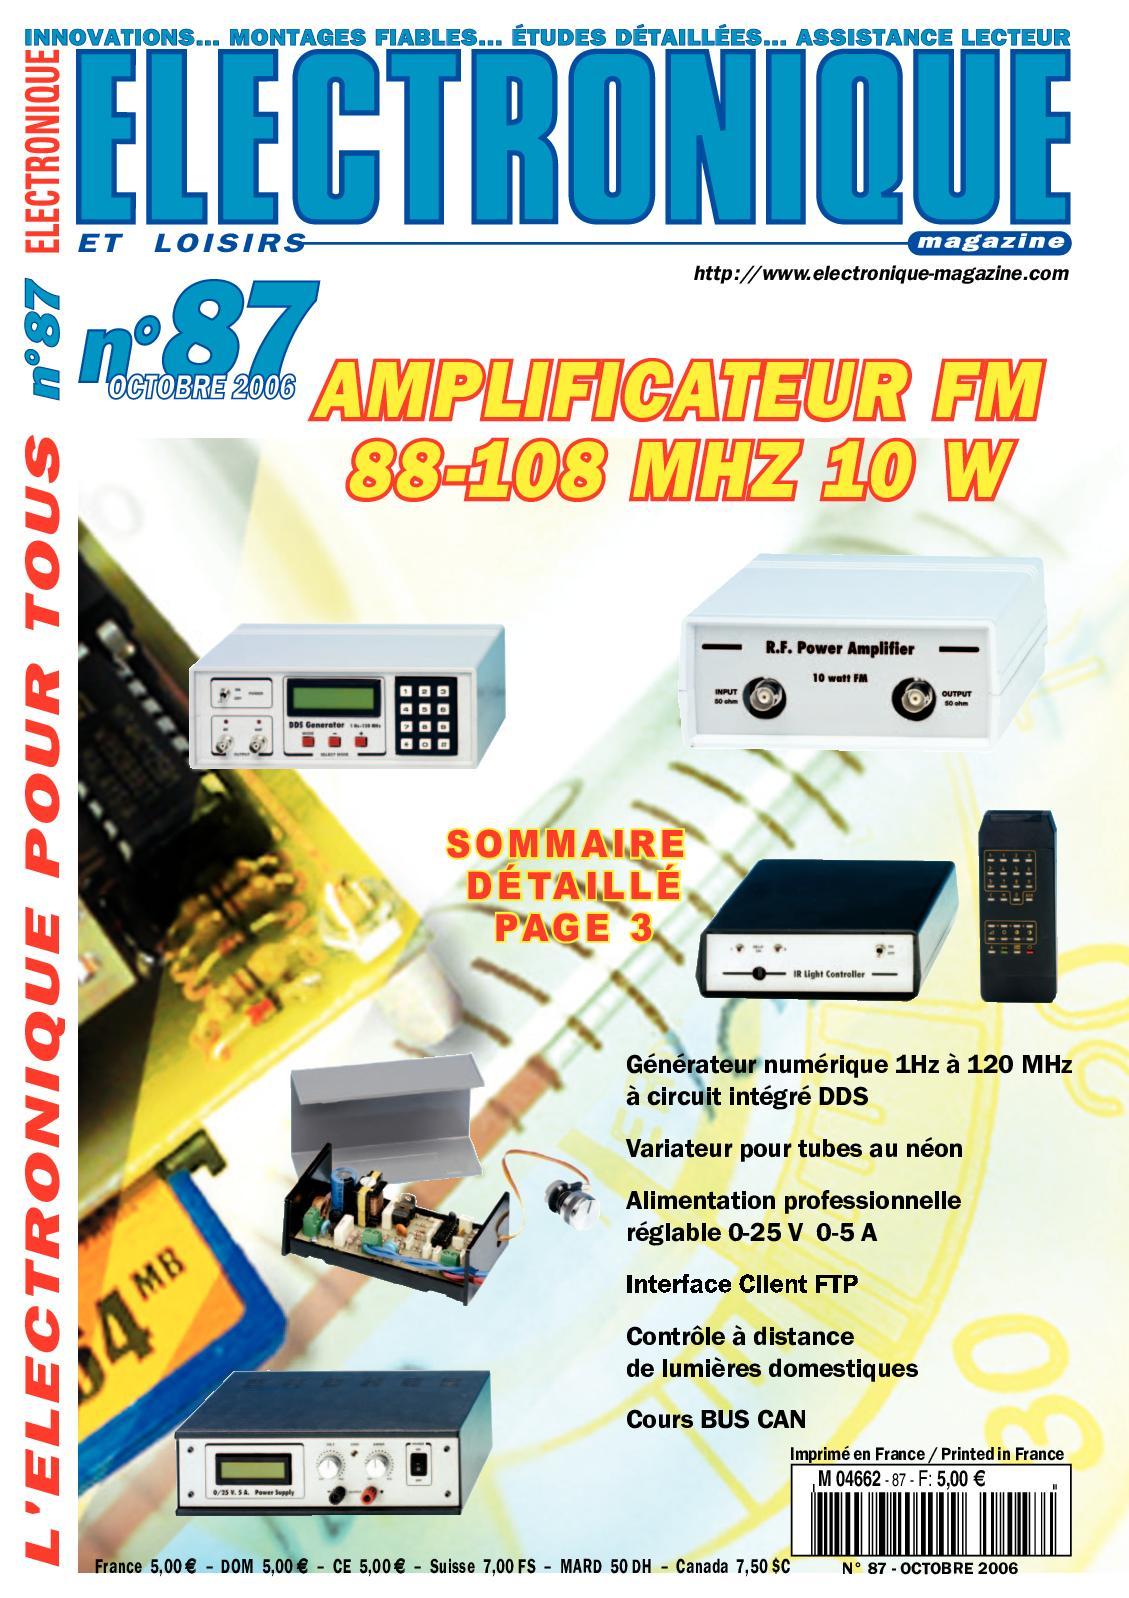 11 Vitesse Hybride 11-52 T cassette TRW Active